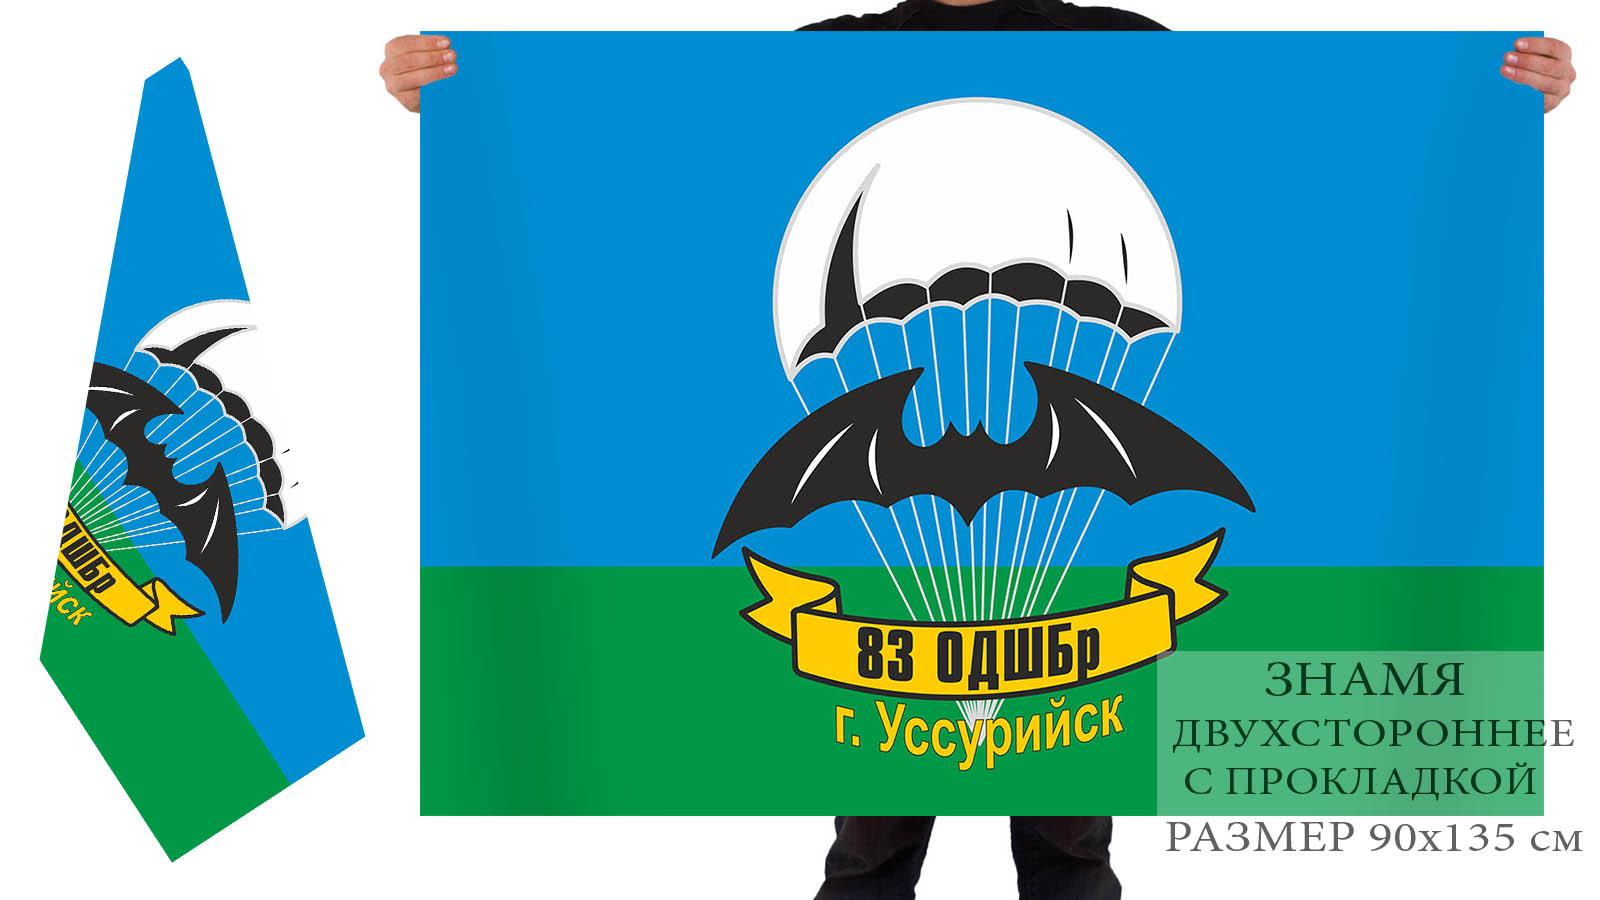 Купить в Москве двухсторонний флаг 83-ой ОДШБр г.Уссурийска